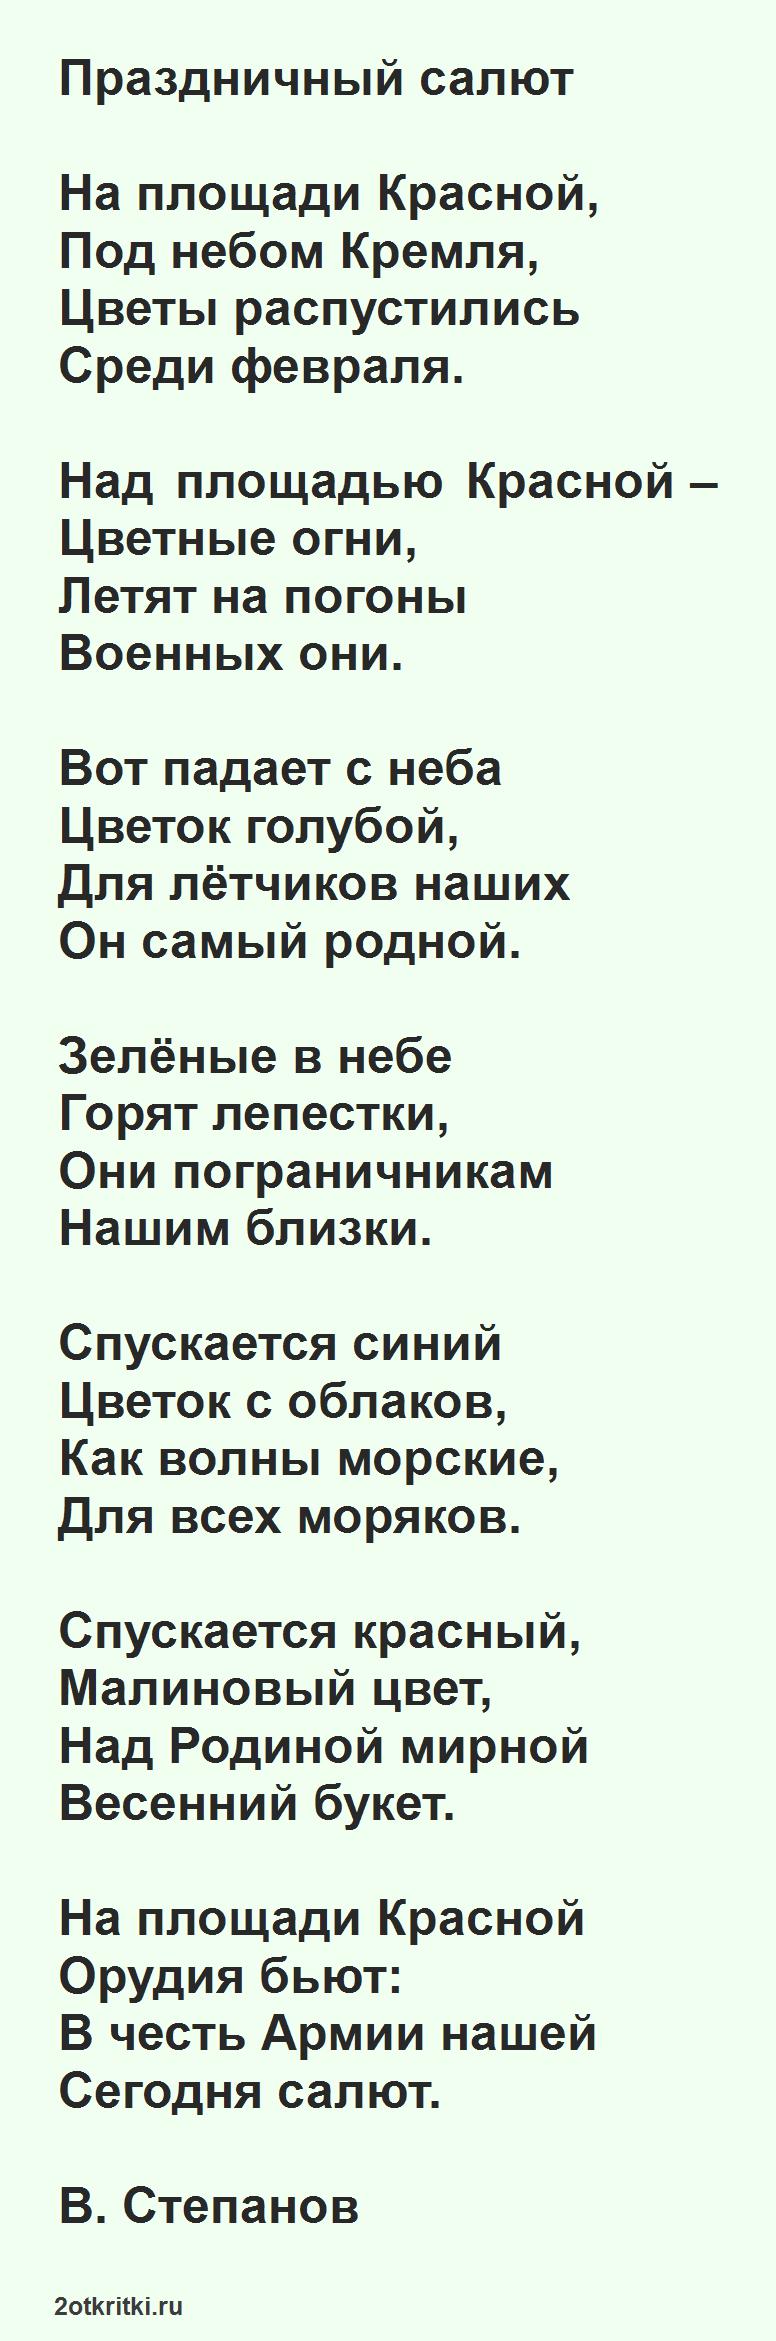 Детские, легкие стихи для ребенка 7 лет на 23 февраля